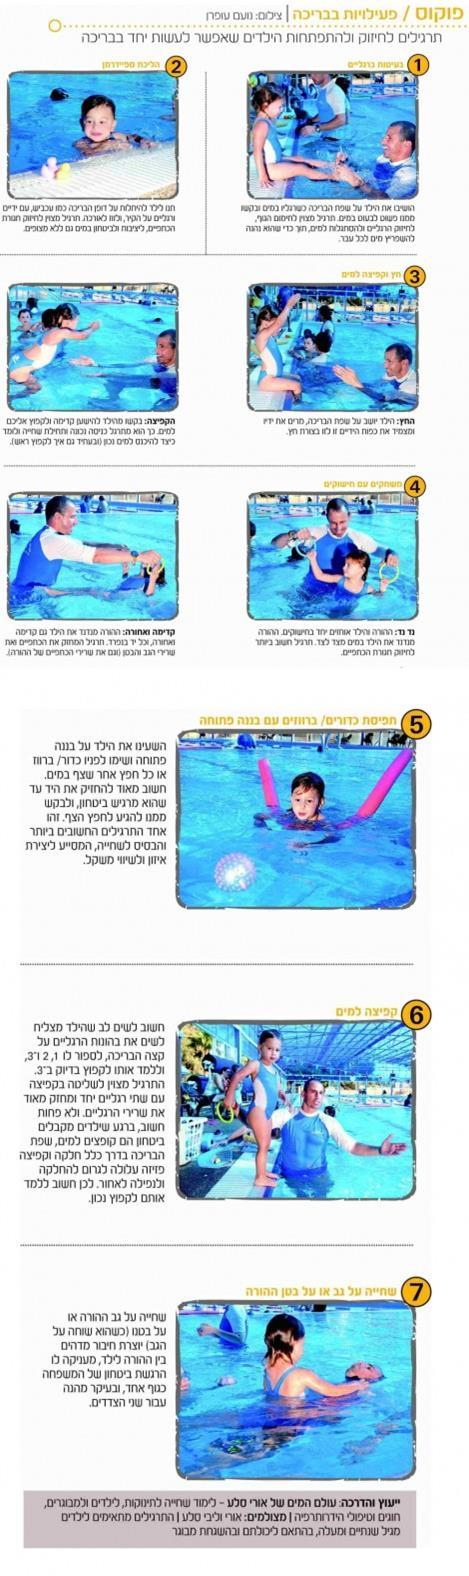 תרגילים במים לחיזוק והתפתחות הילדים